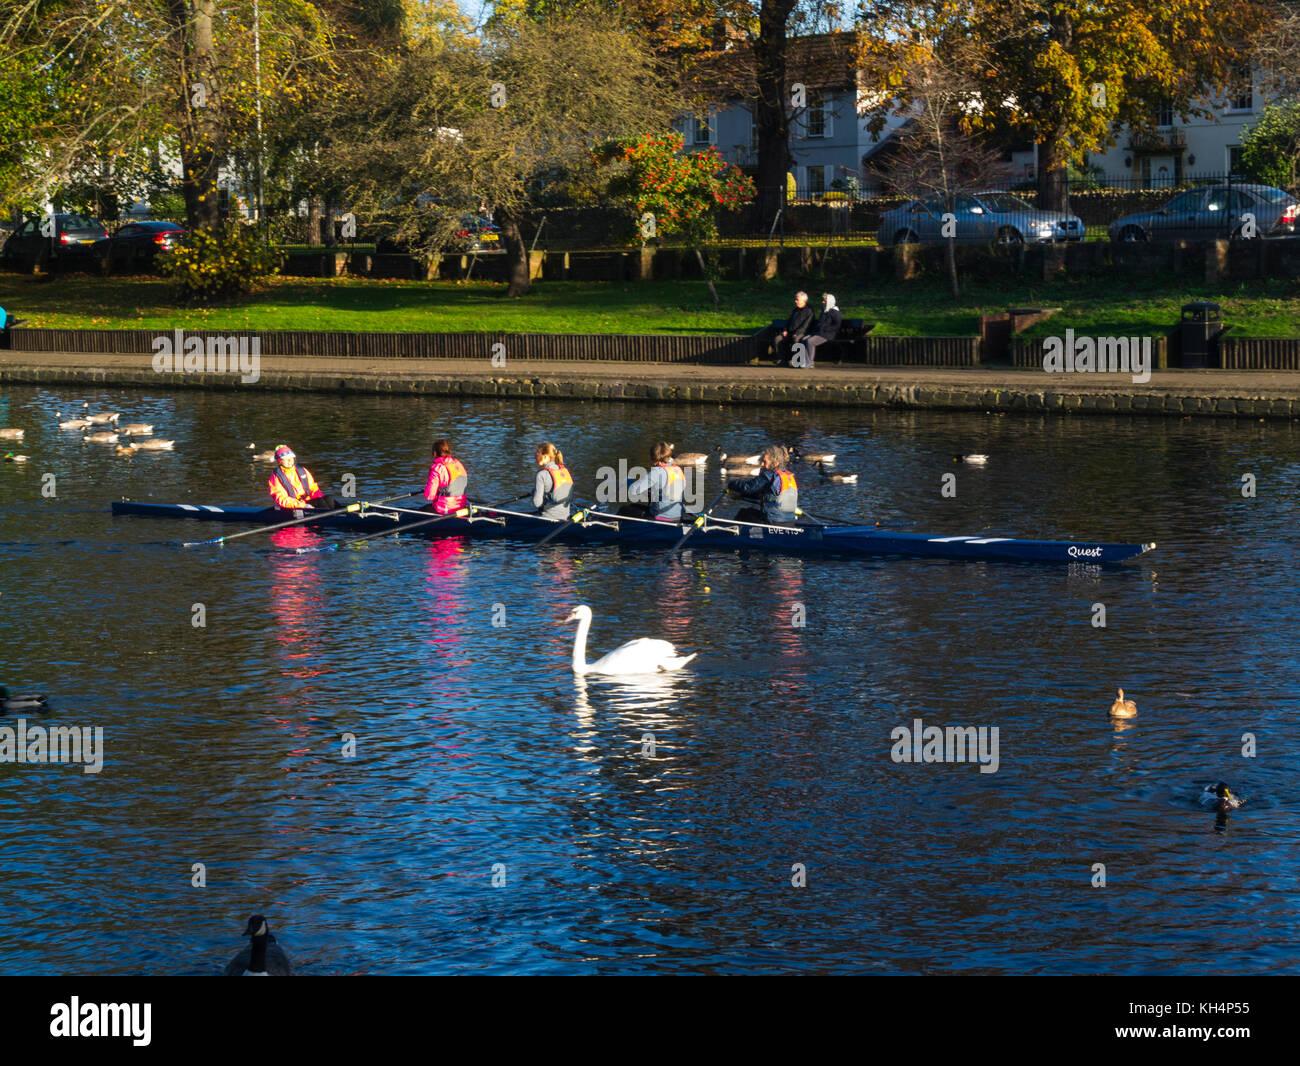 Coxed four female rowers training on River Avon Evesham Worcestershire England UK - Stock Image